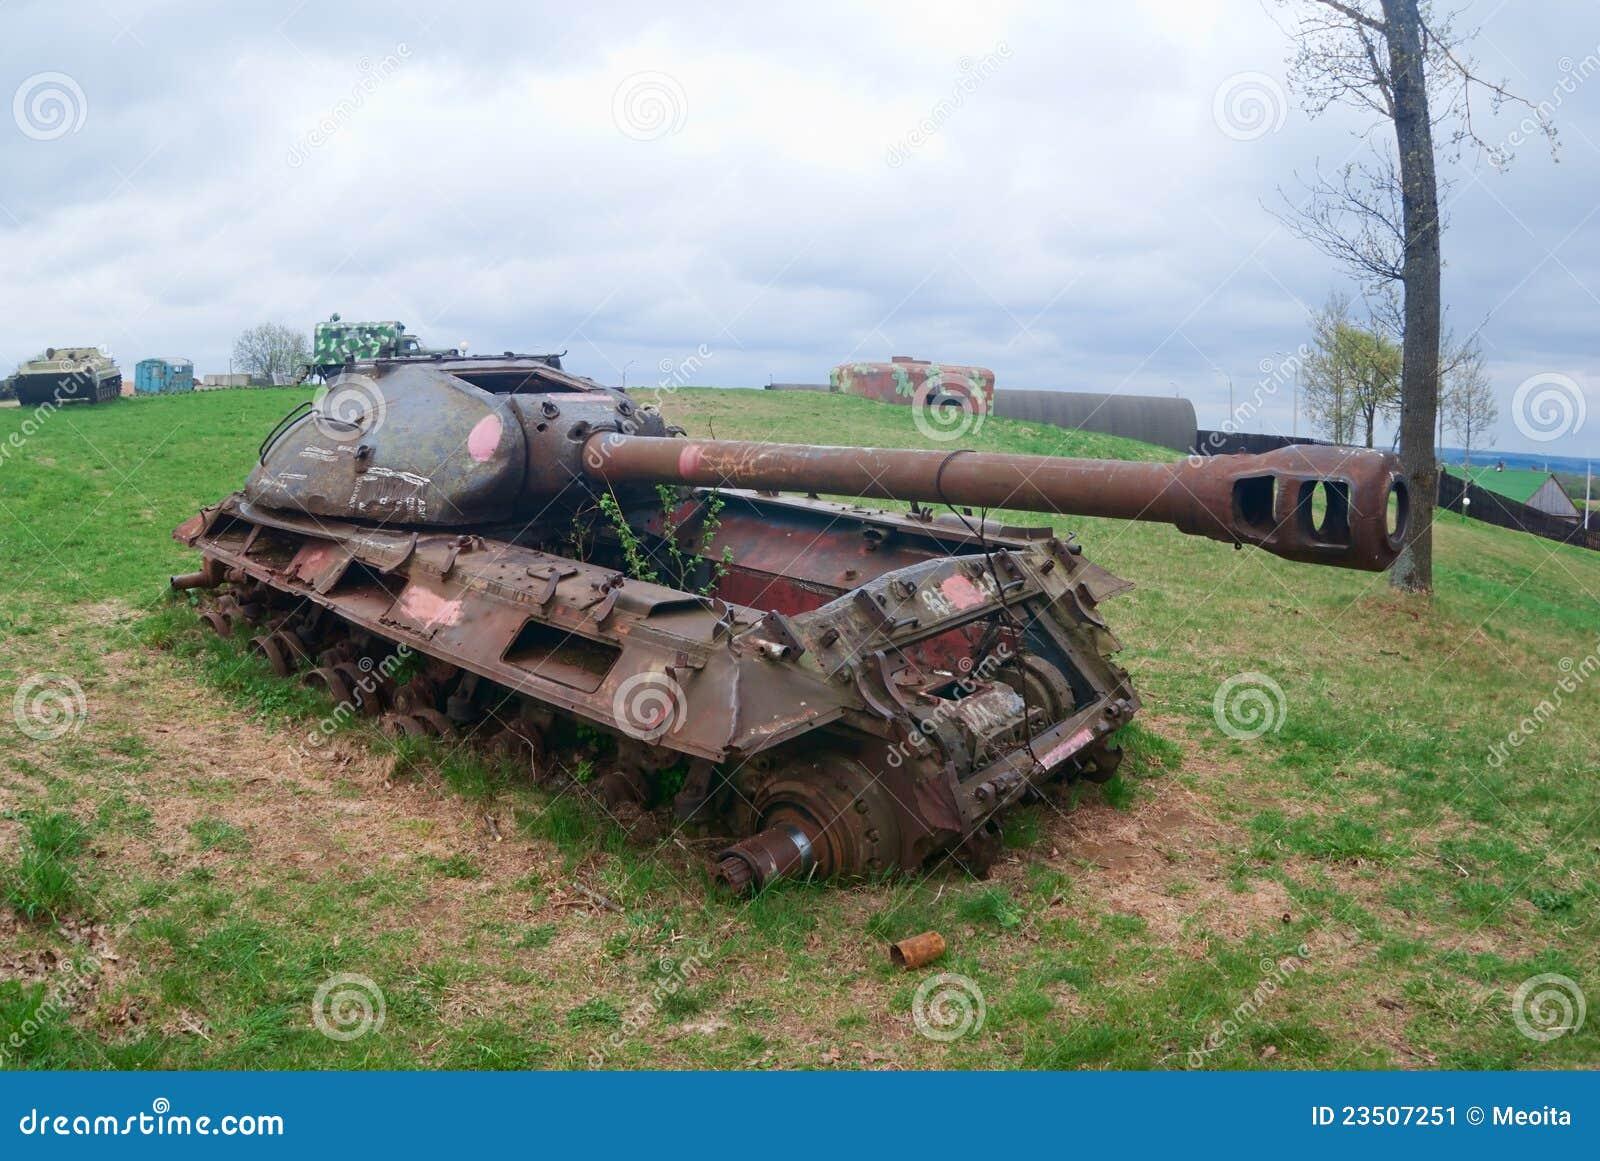 Tank Wreck Stock Image - Image: 23507251